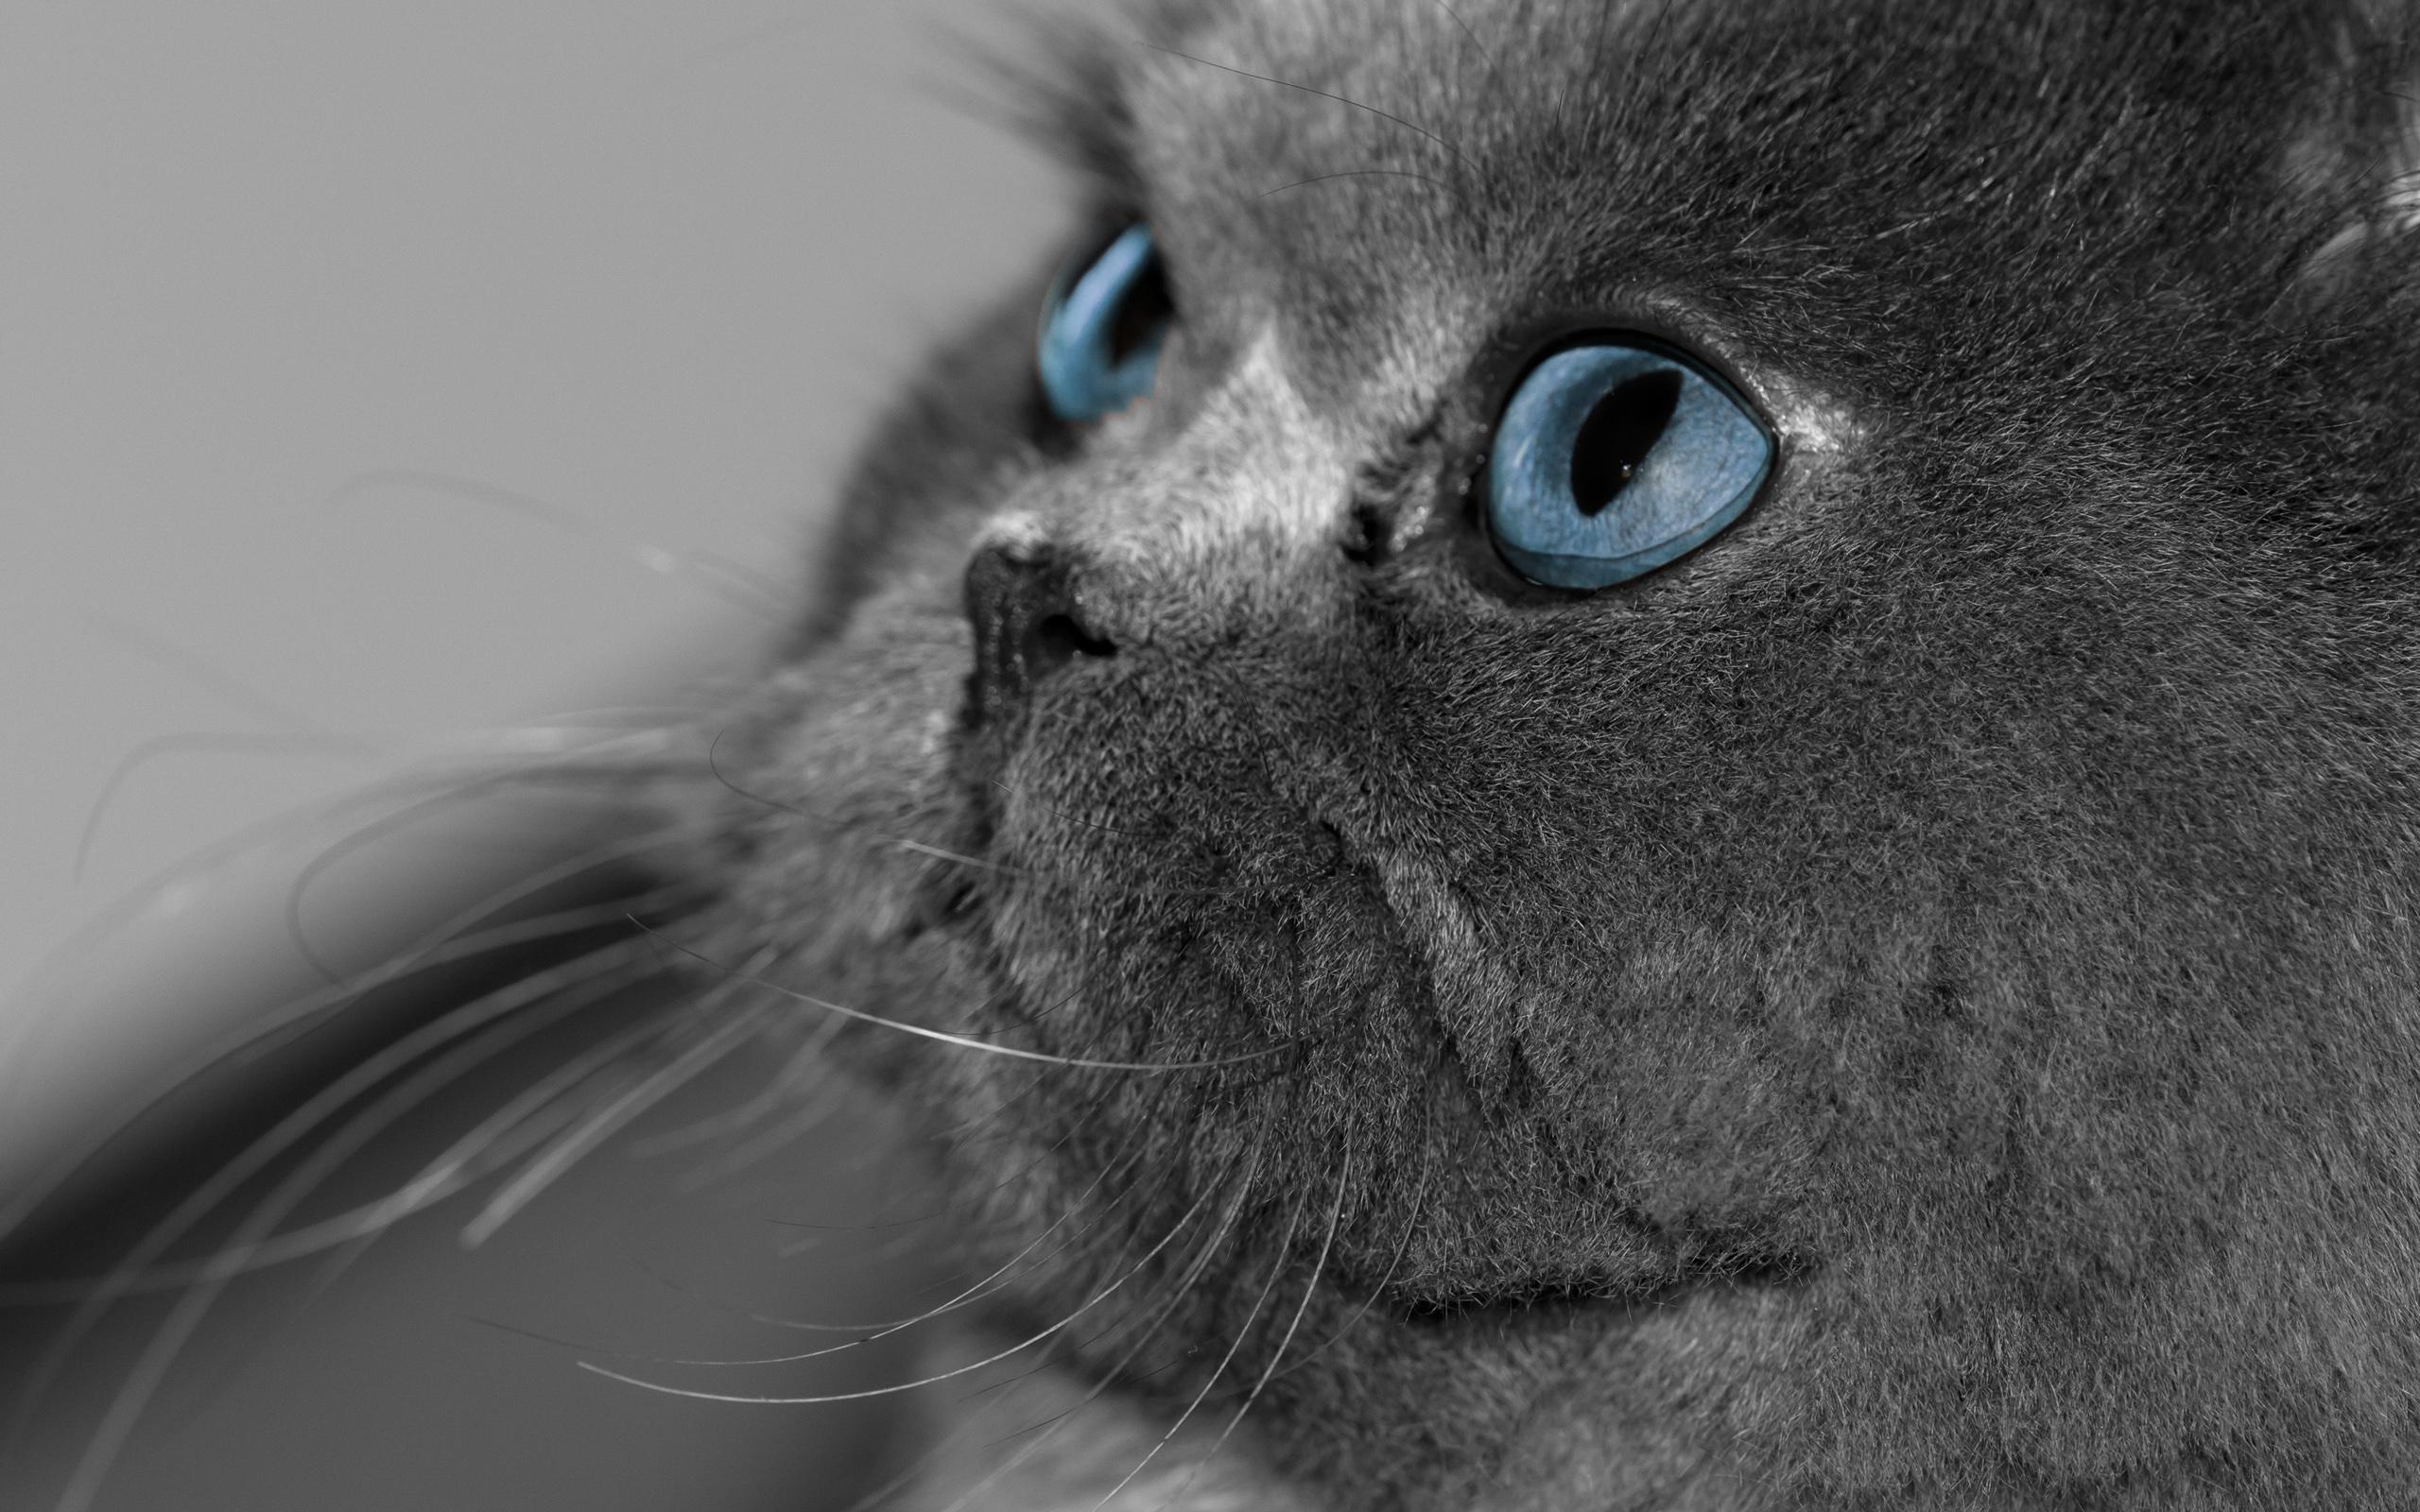 Обои для рабочего стола  Коты  Cats Wallpapers часть 1